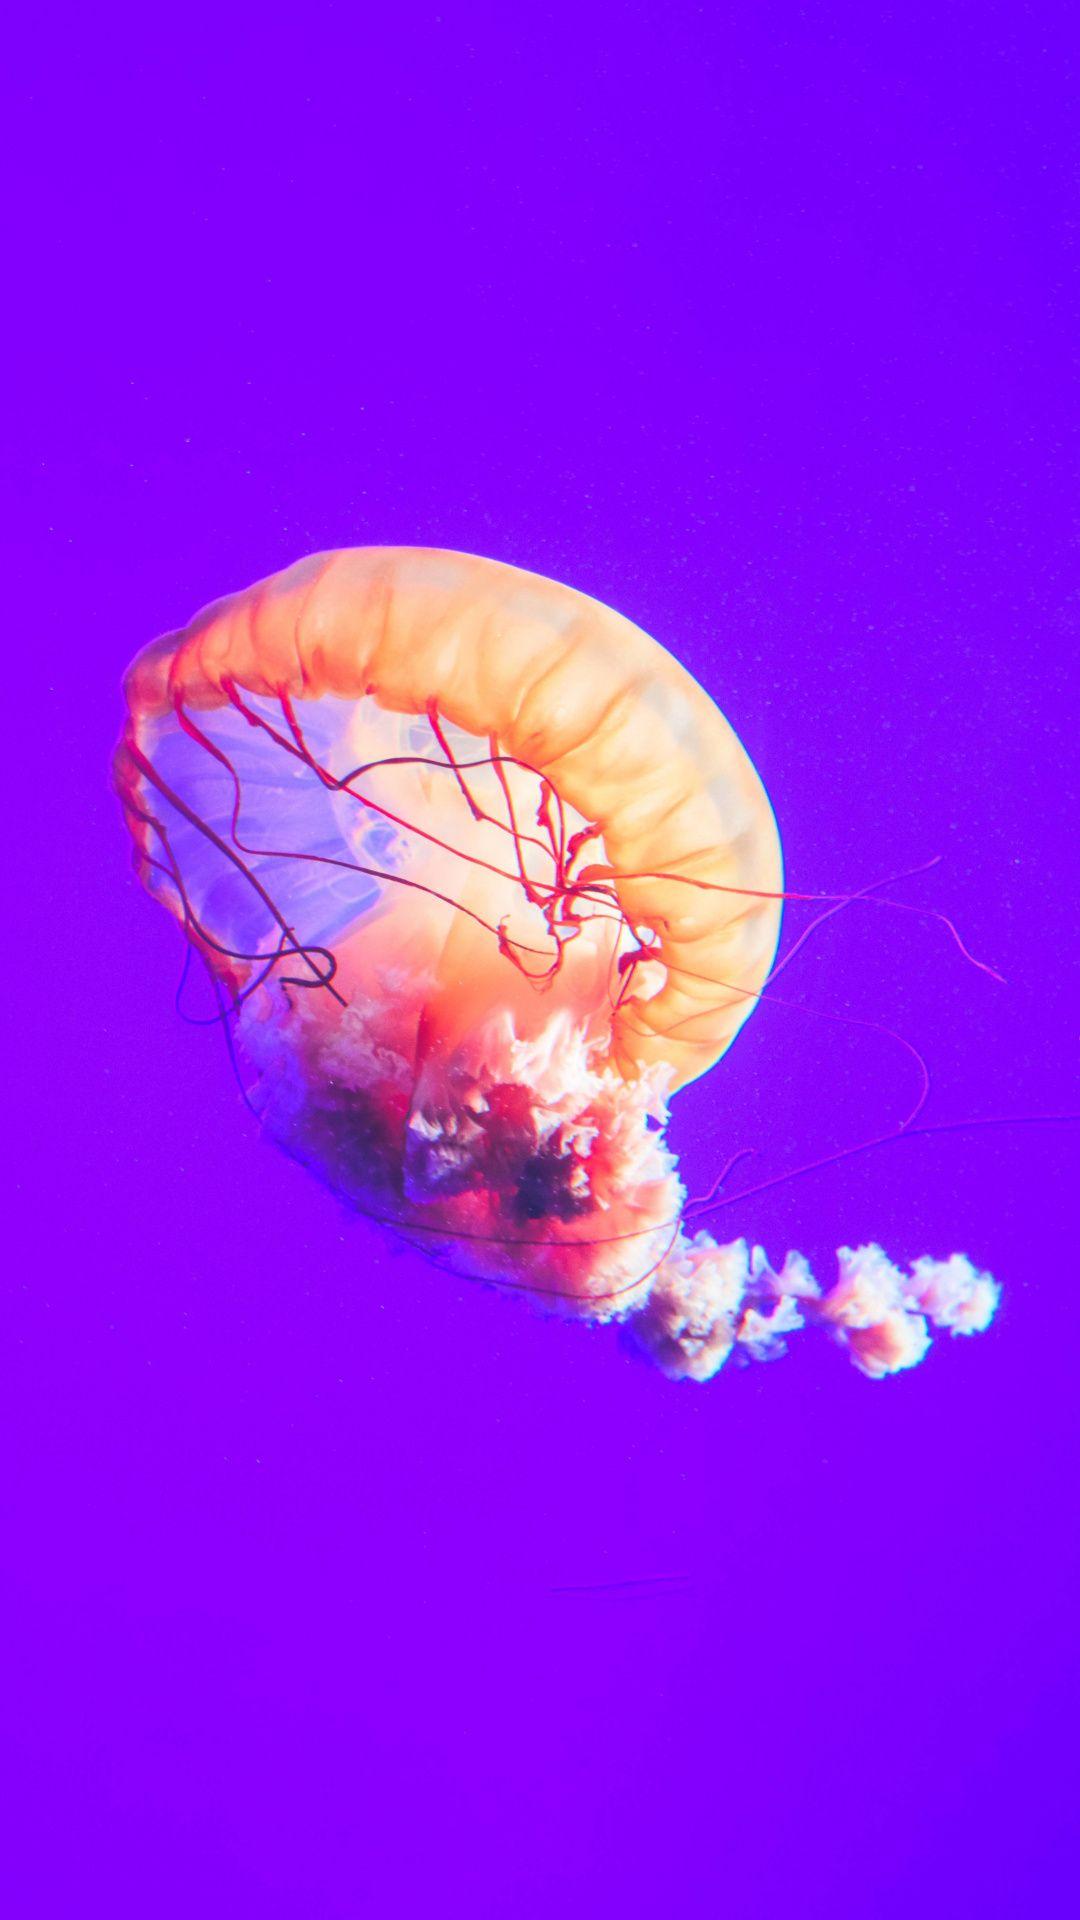 Jellyfish Underwater Aquarium 1080x1920 Wallpaper Dengan Gambar